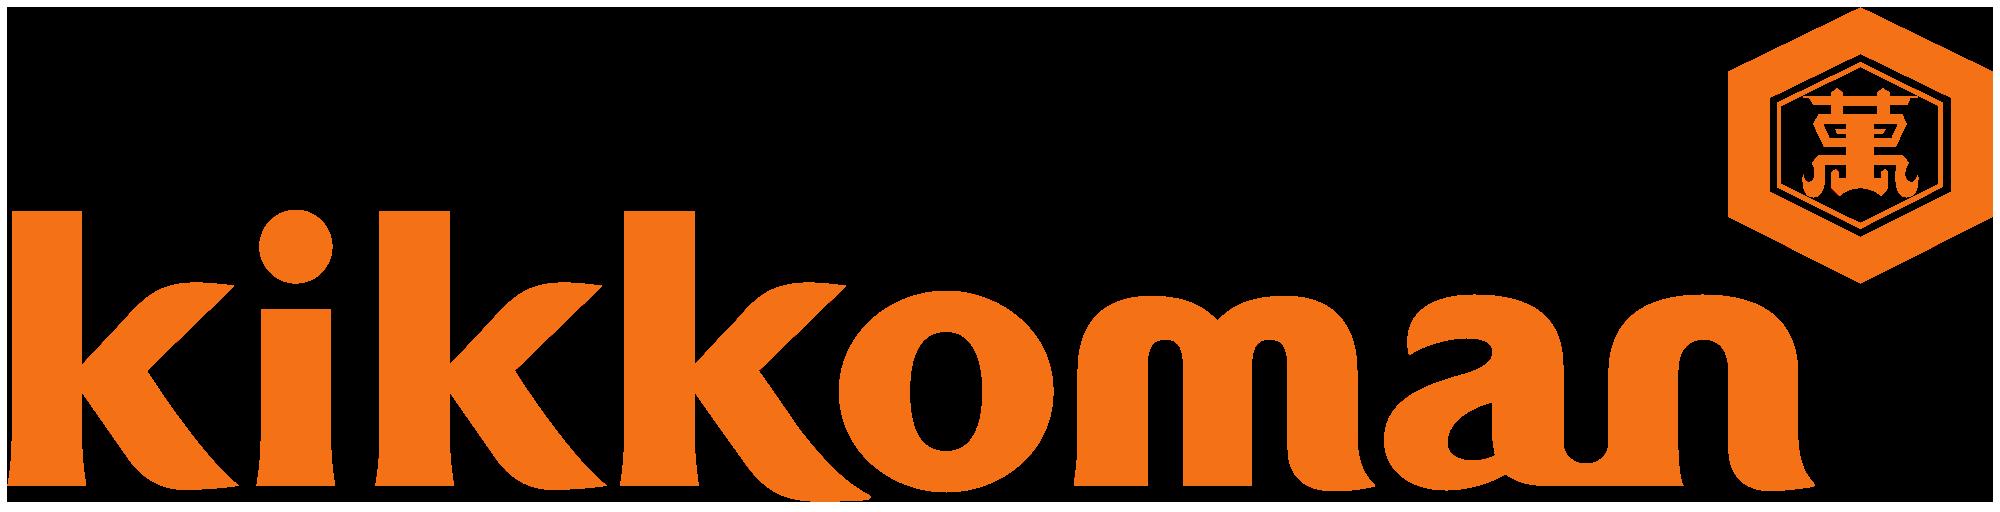 Kikkoman Logo 2000Px